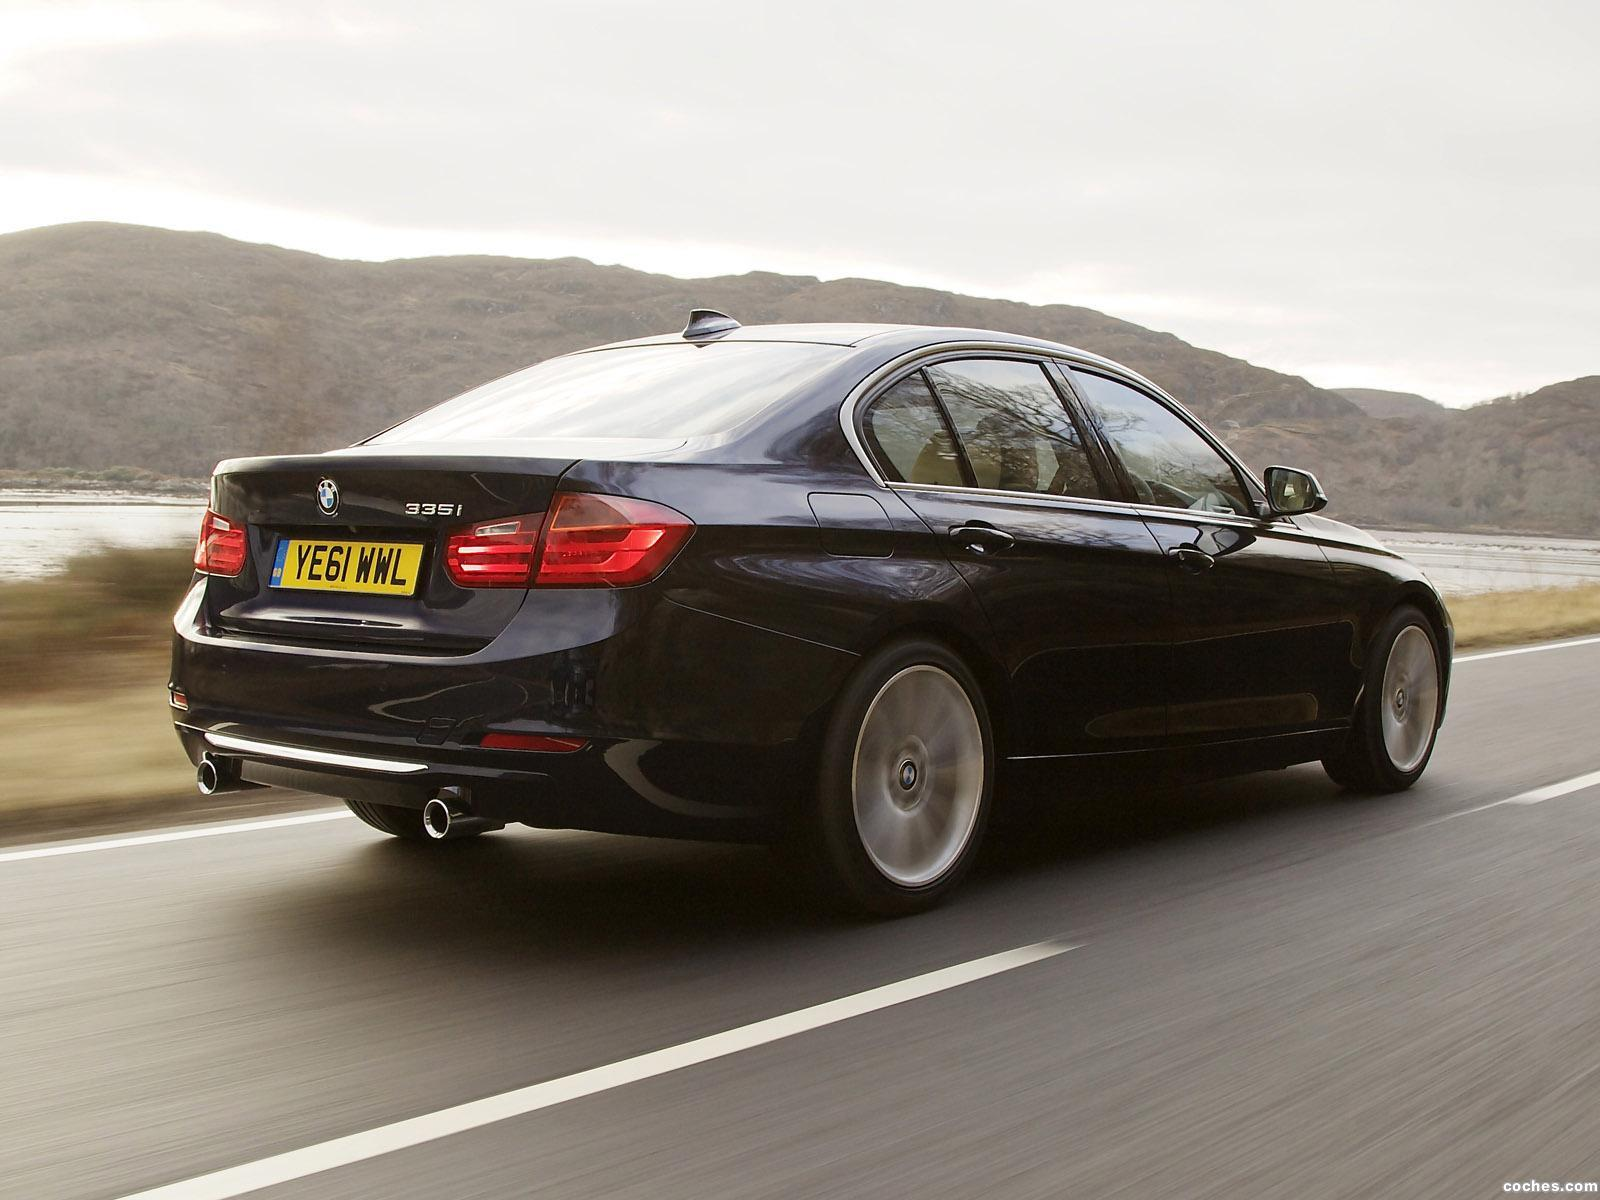 Foto 11 de BMW Serie 3 335i Sedan Luxury Line F30 UK 2012